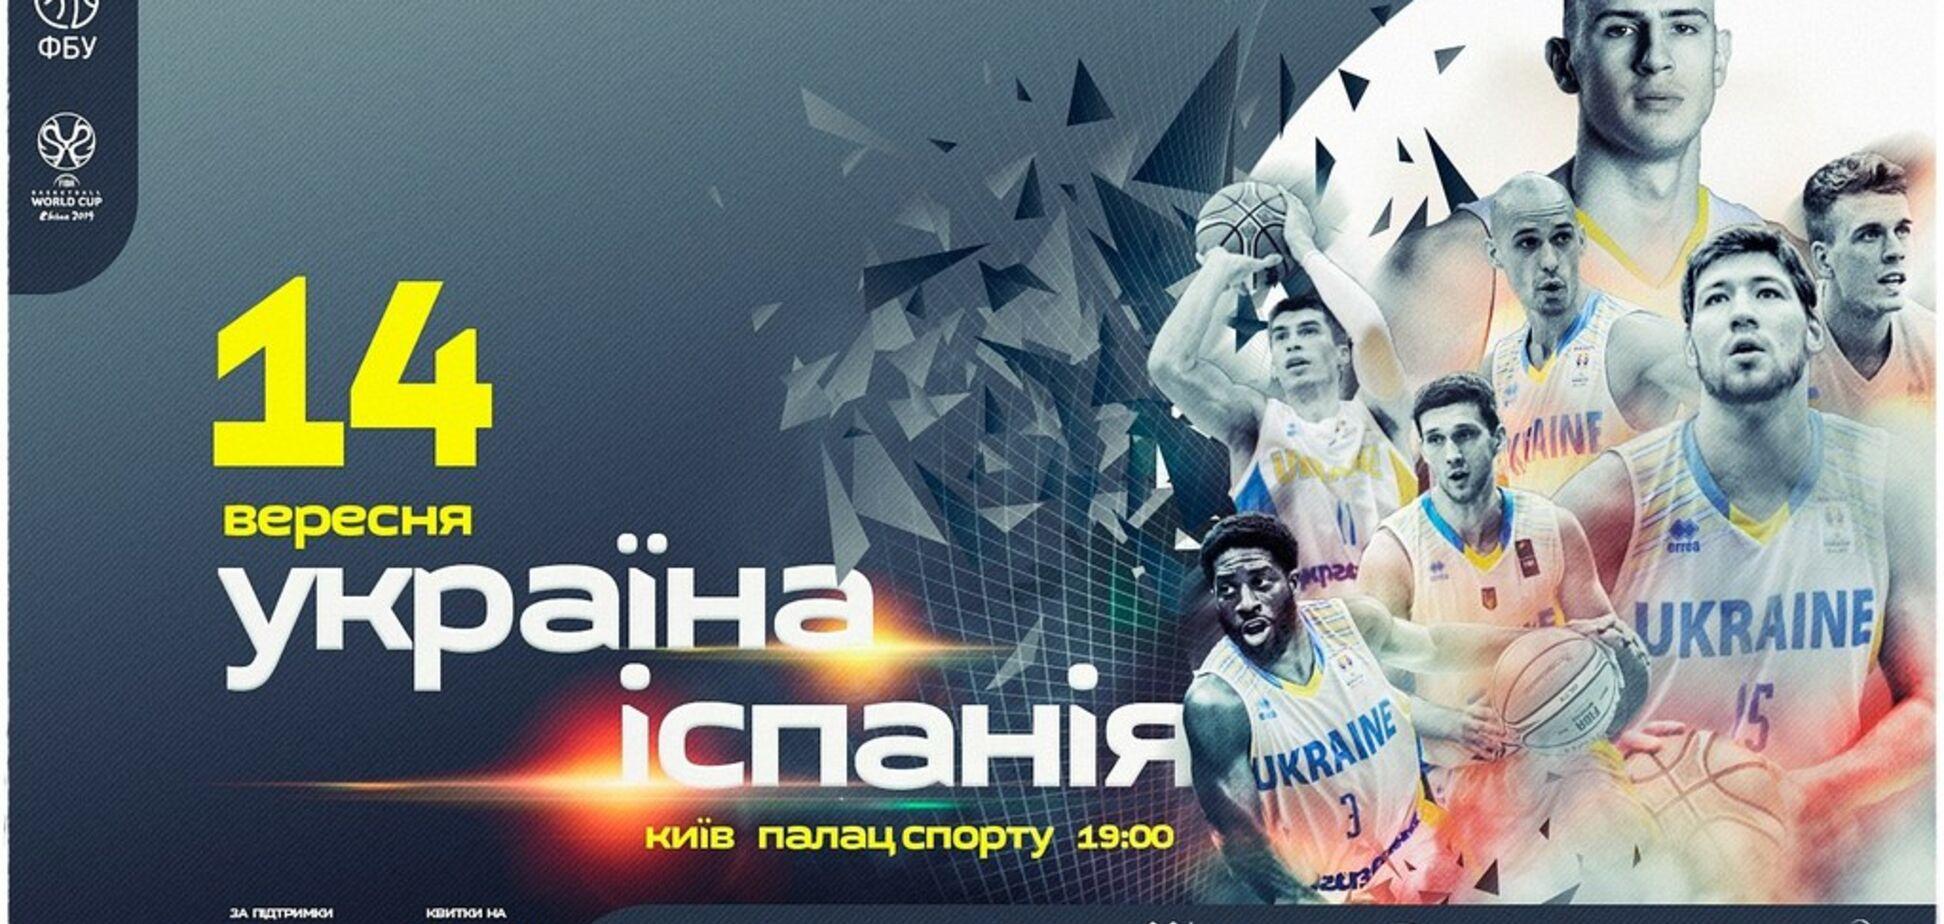 ФБУ представила яскраве промо матчу Україна - Іспанія